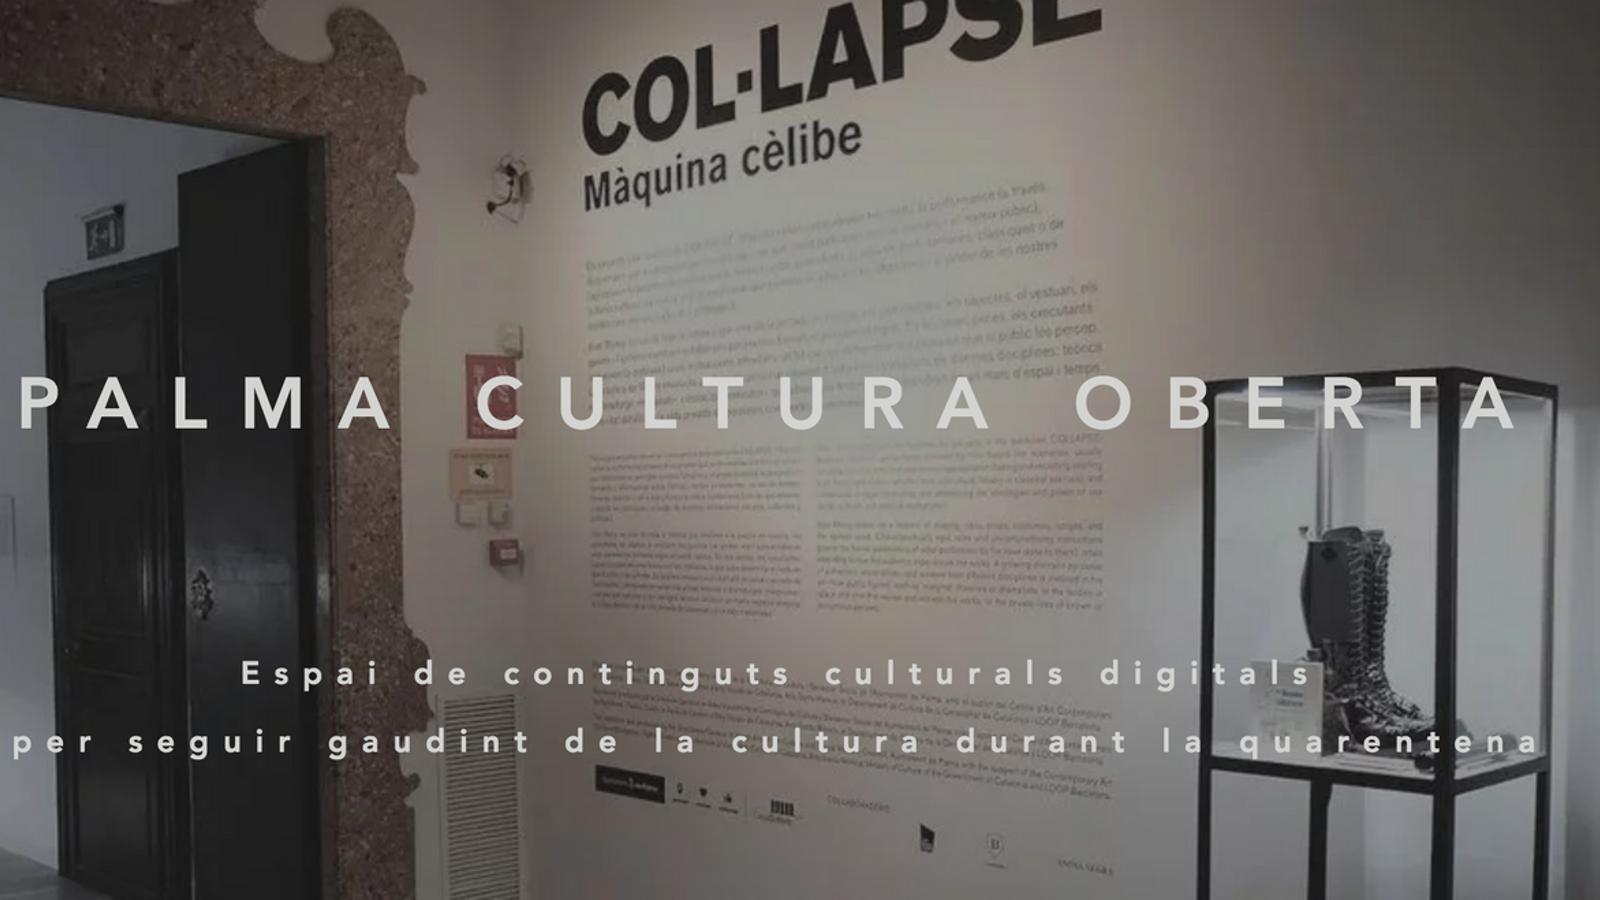 Imatge del web Palma Cultura Oberta